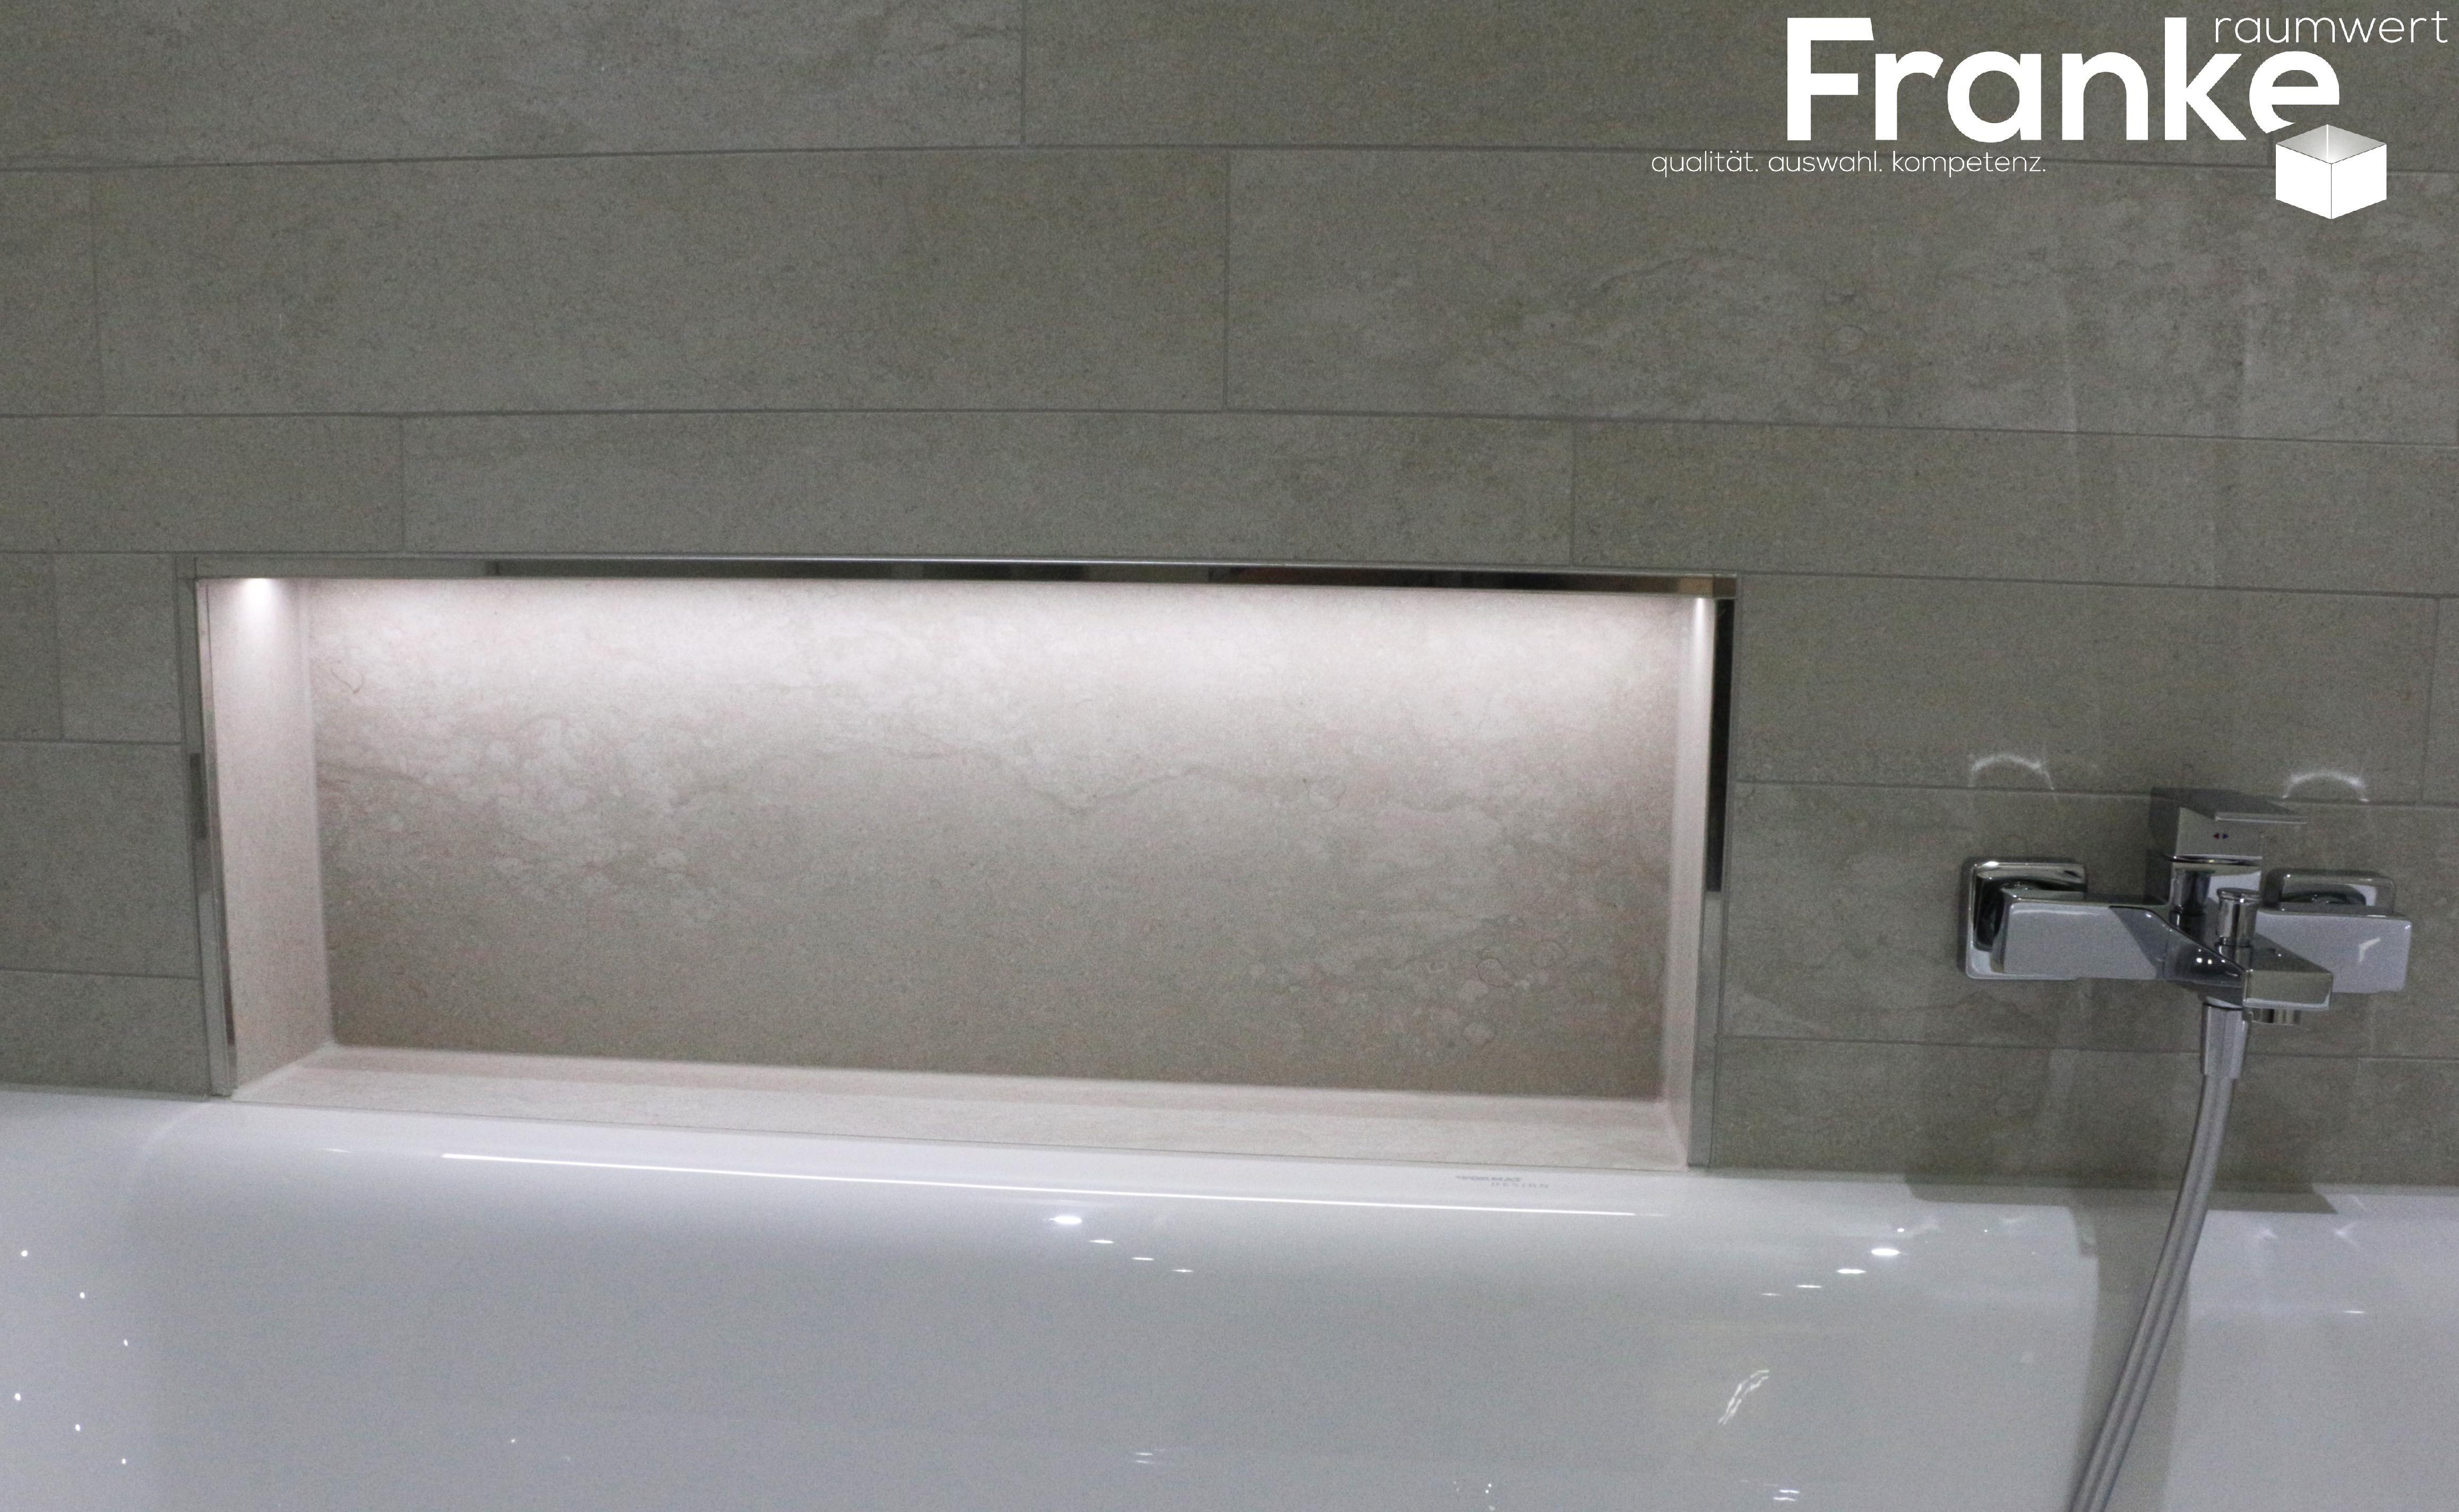 Badezimmer ideen keine badewanne pin von nicole hoffmann  auf bad  pinterest  badezimmer bad und